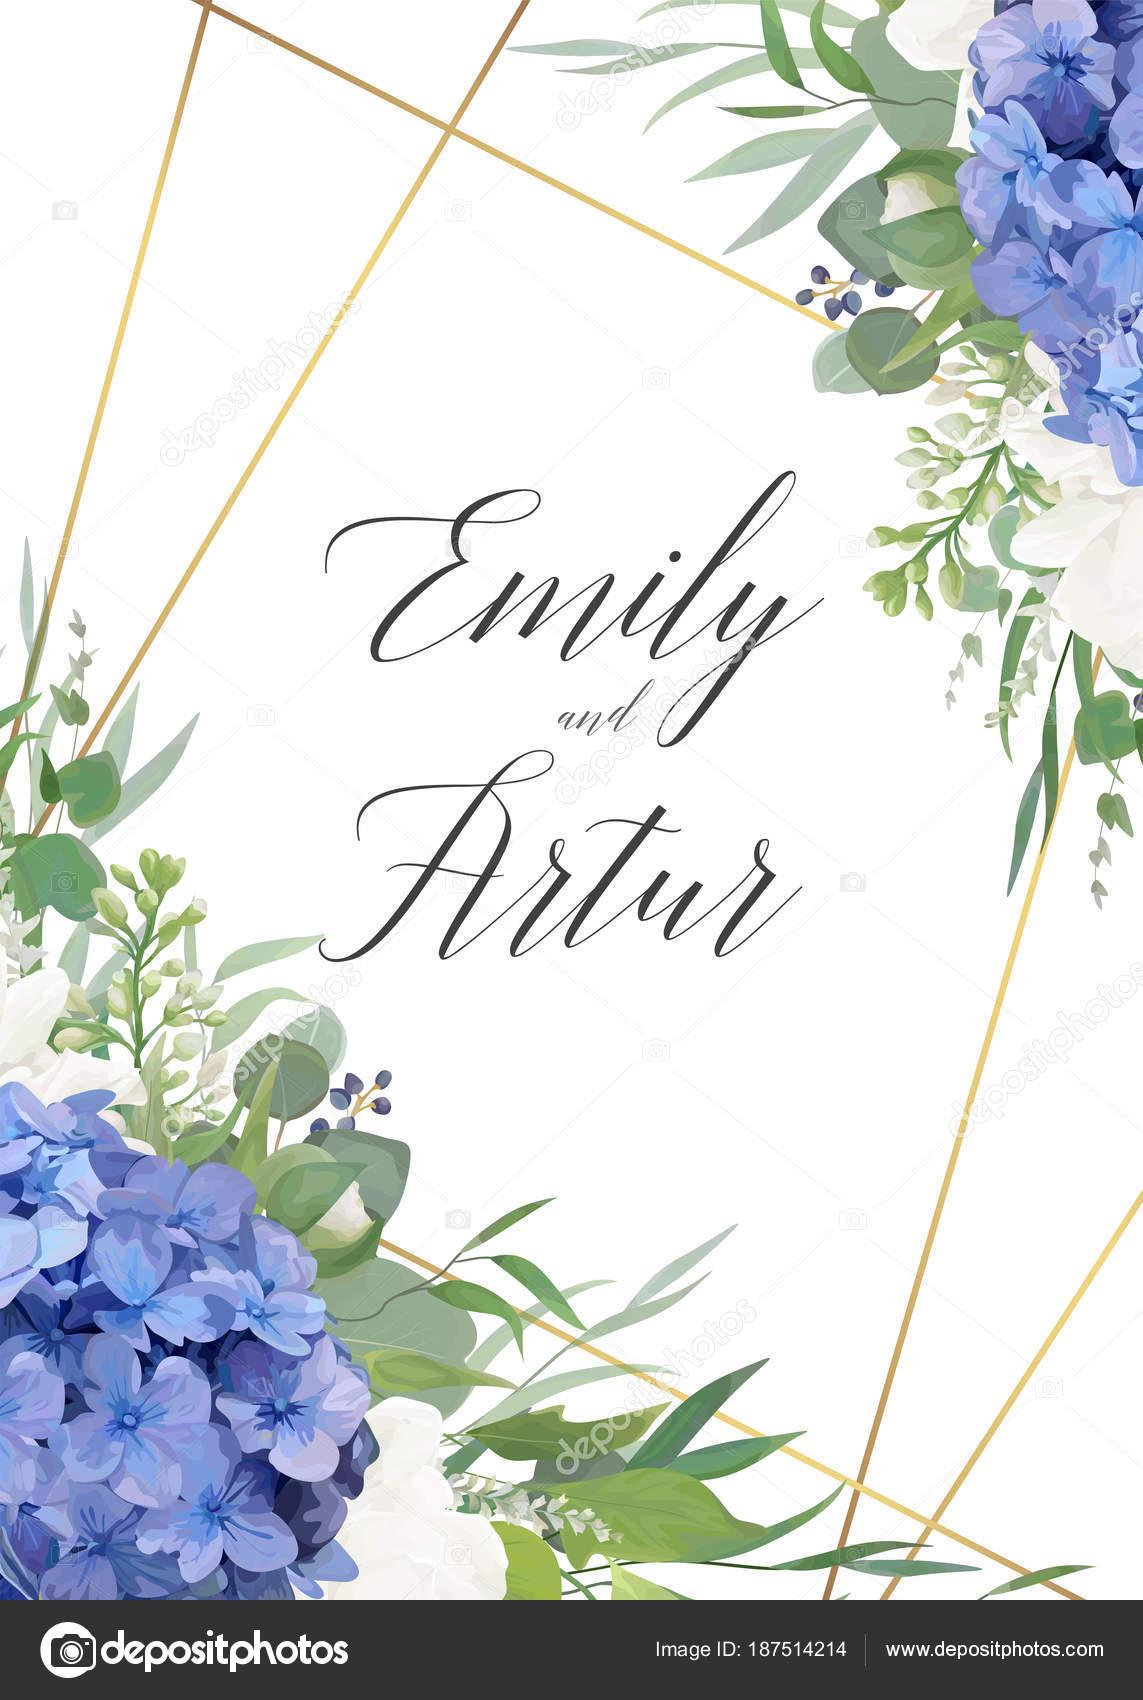 97364f59c8fc6 Invitaciones de boda blanca y azul